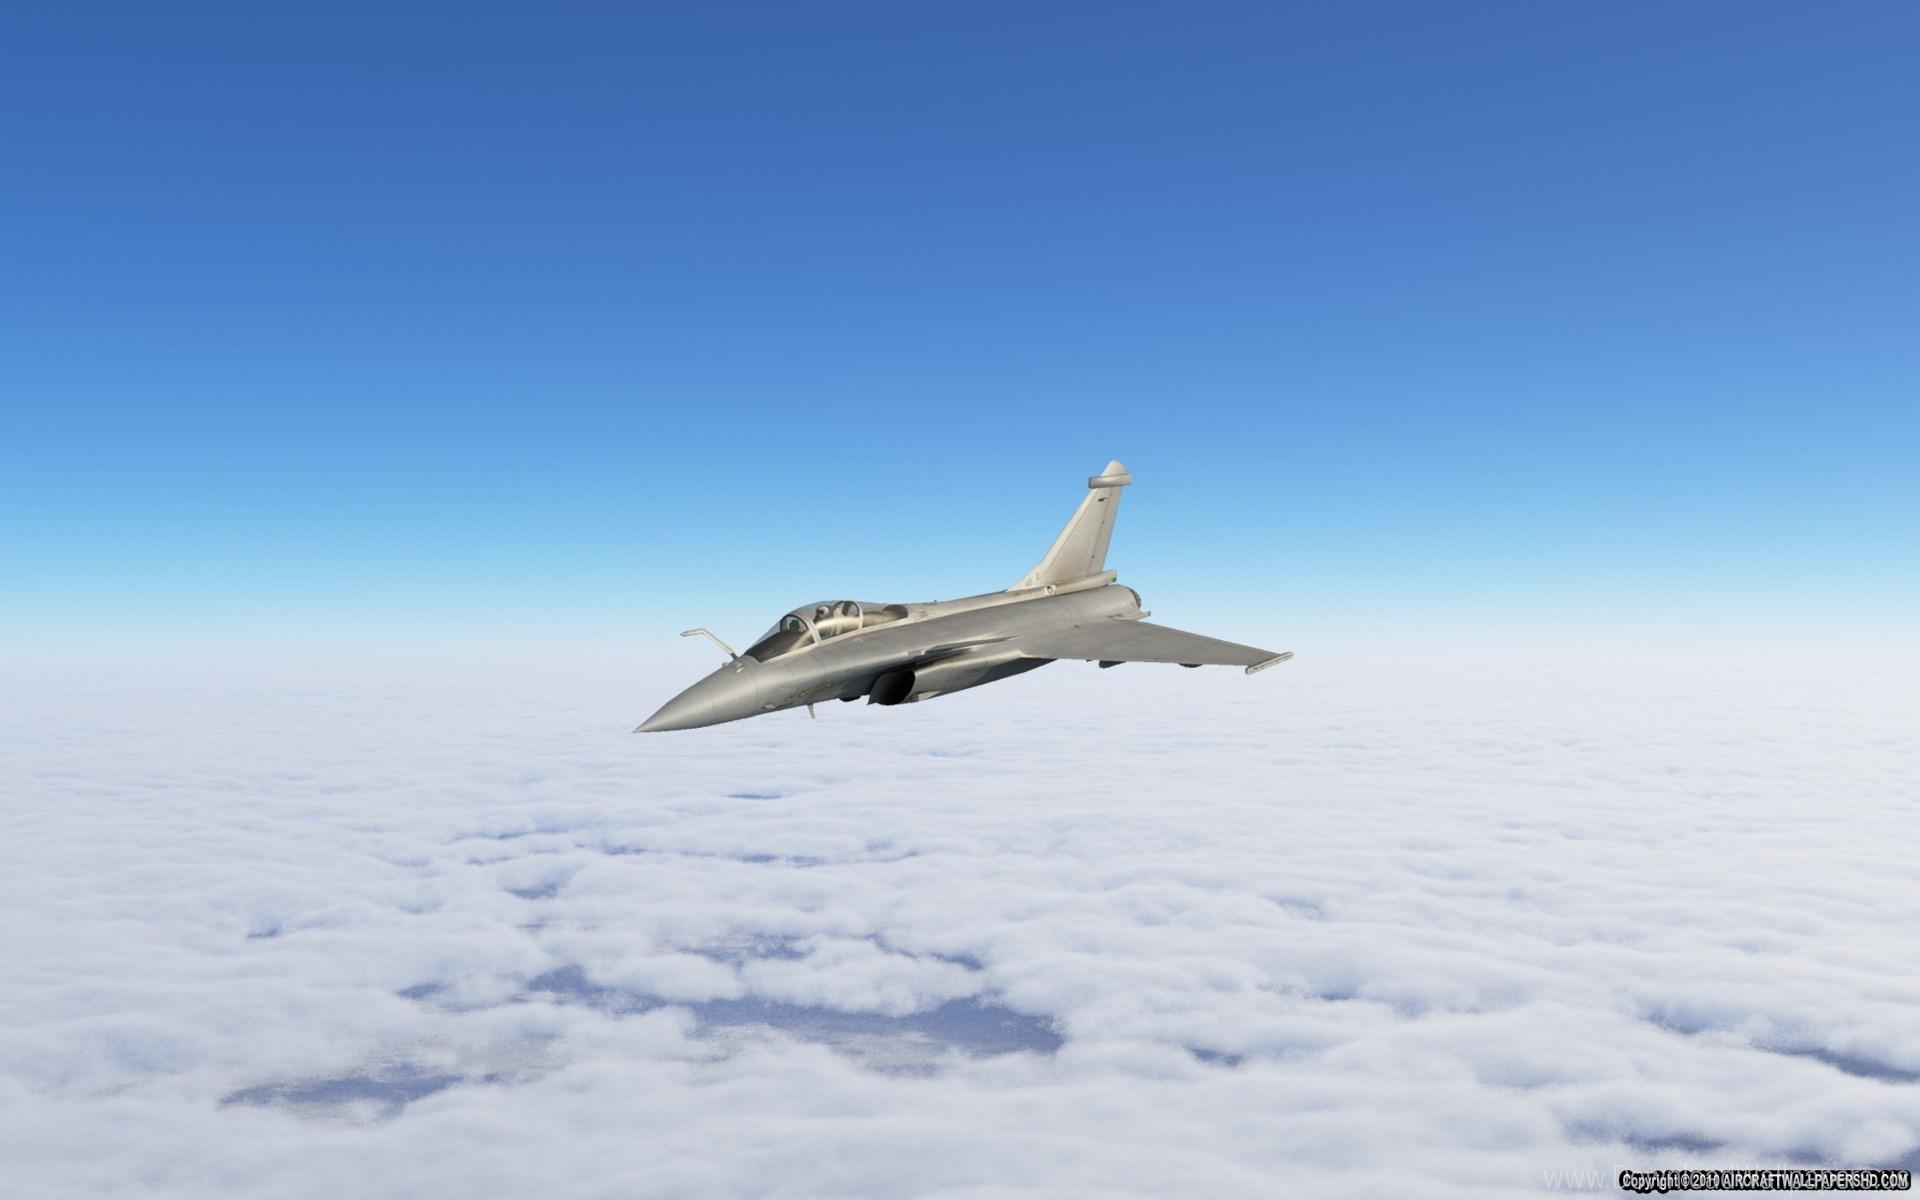 Download Original Size Dassault Rafale 1773965 Hd